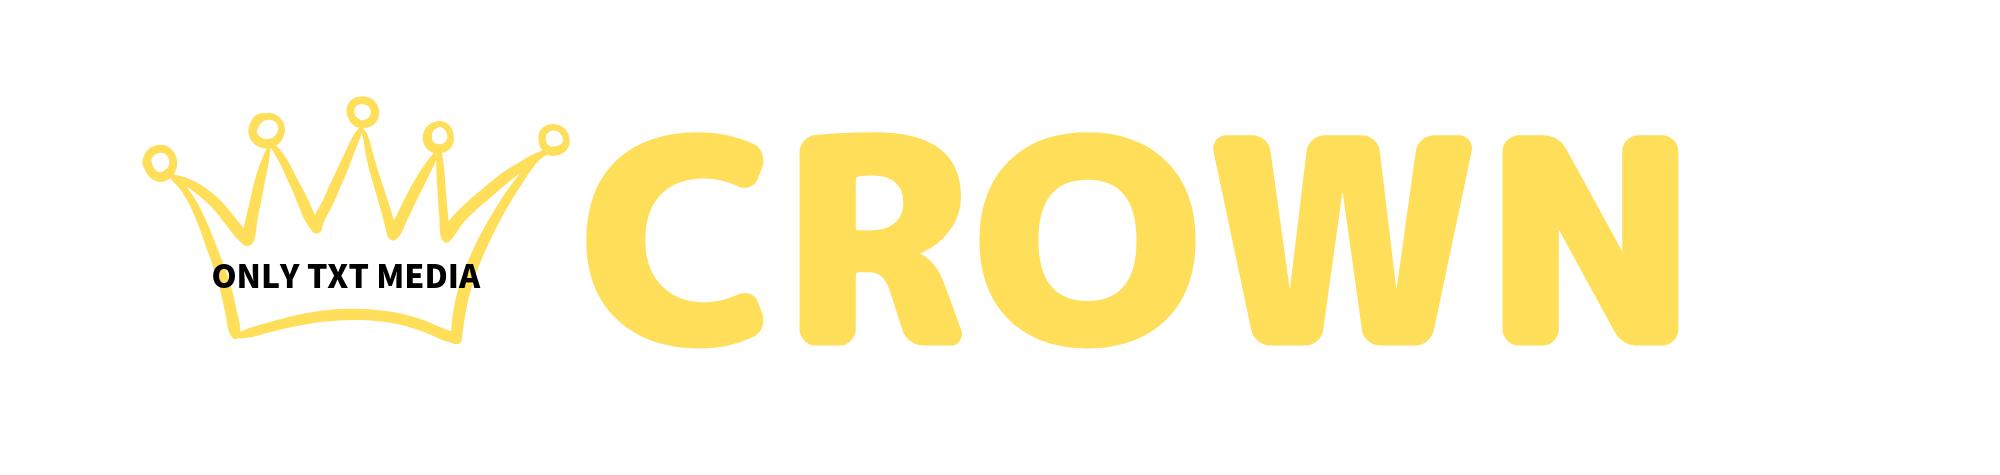 CROWN-ONLT TXT(ティーバイティー) MEDIA